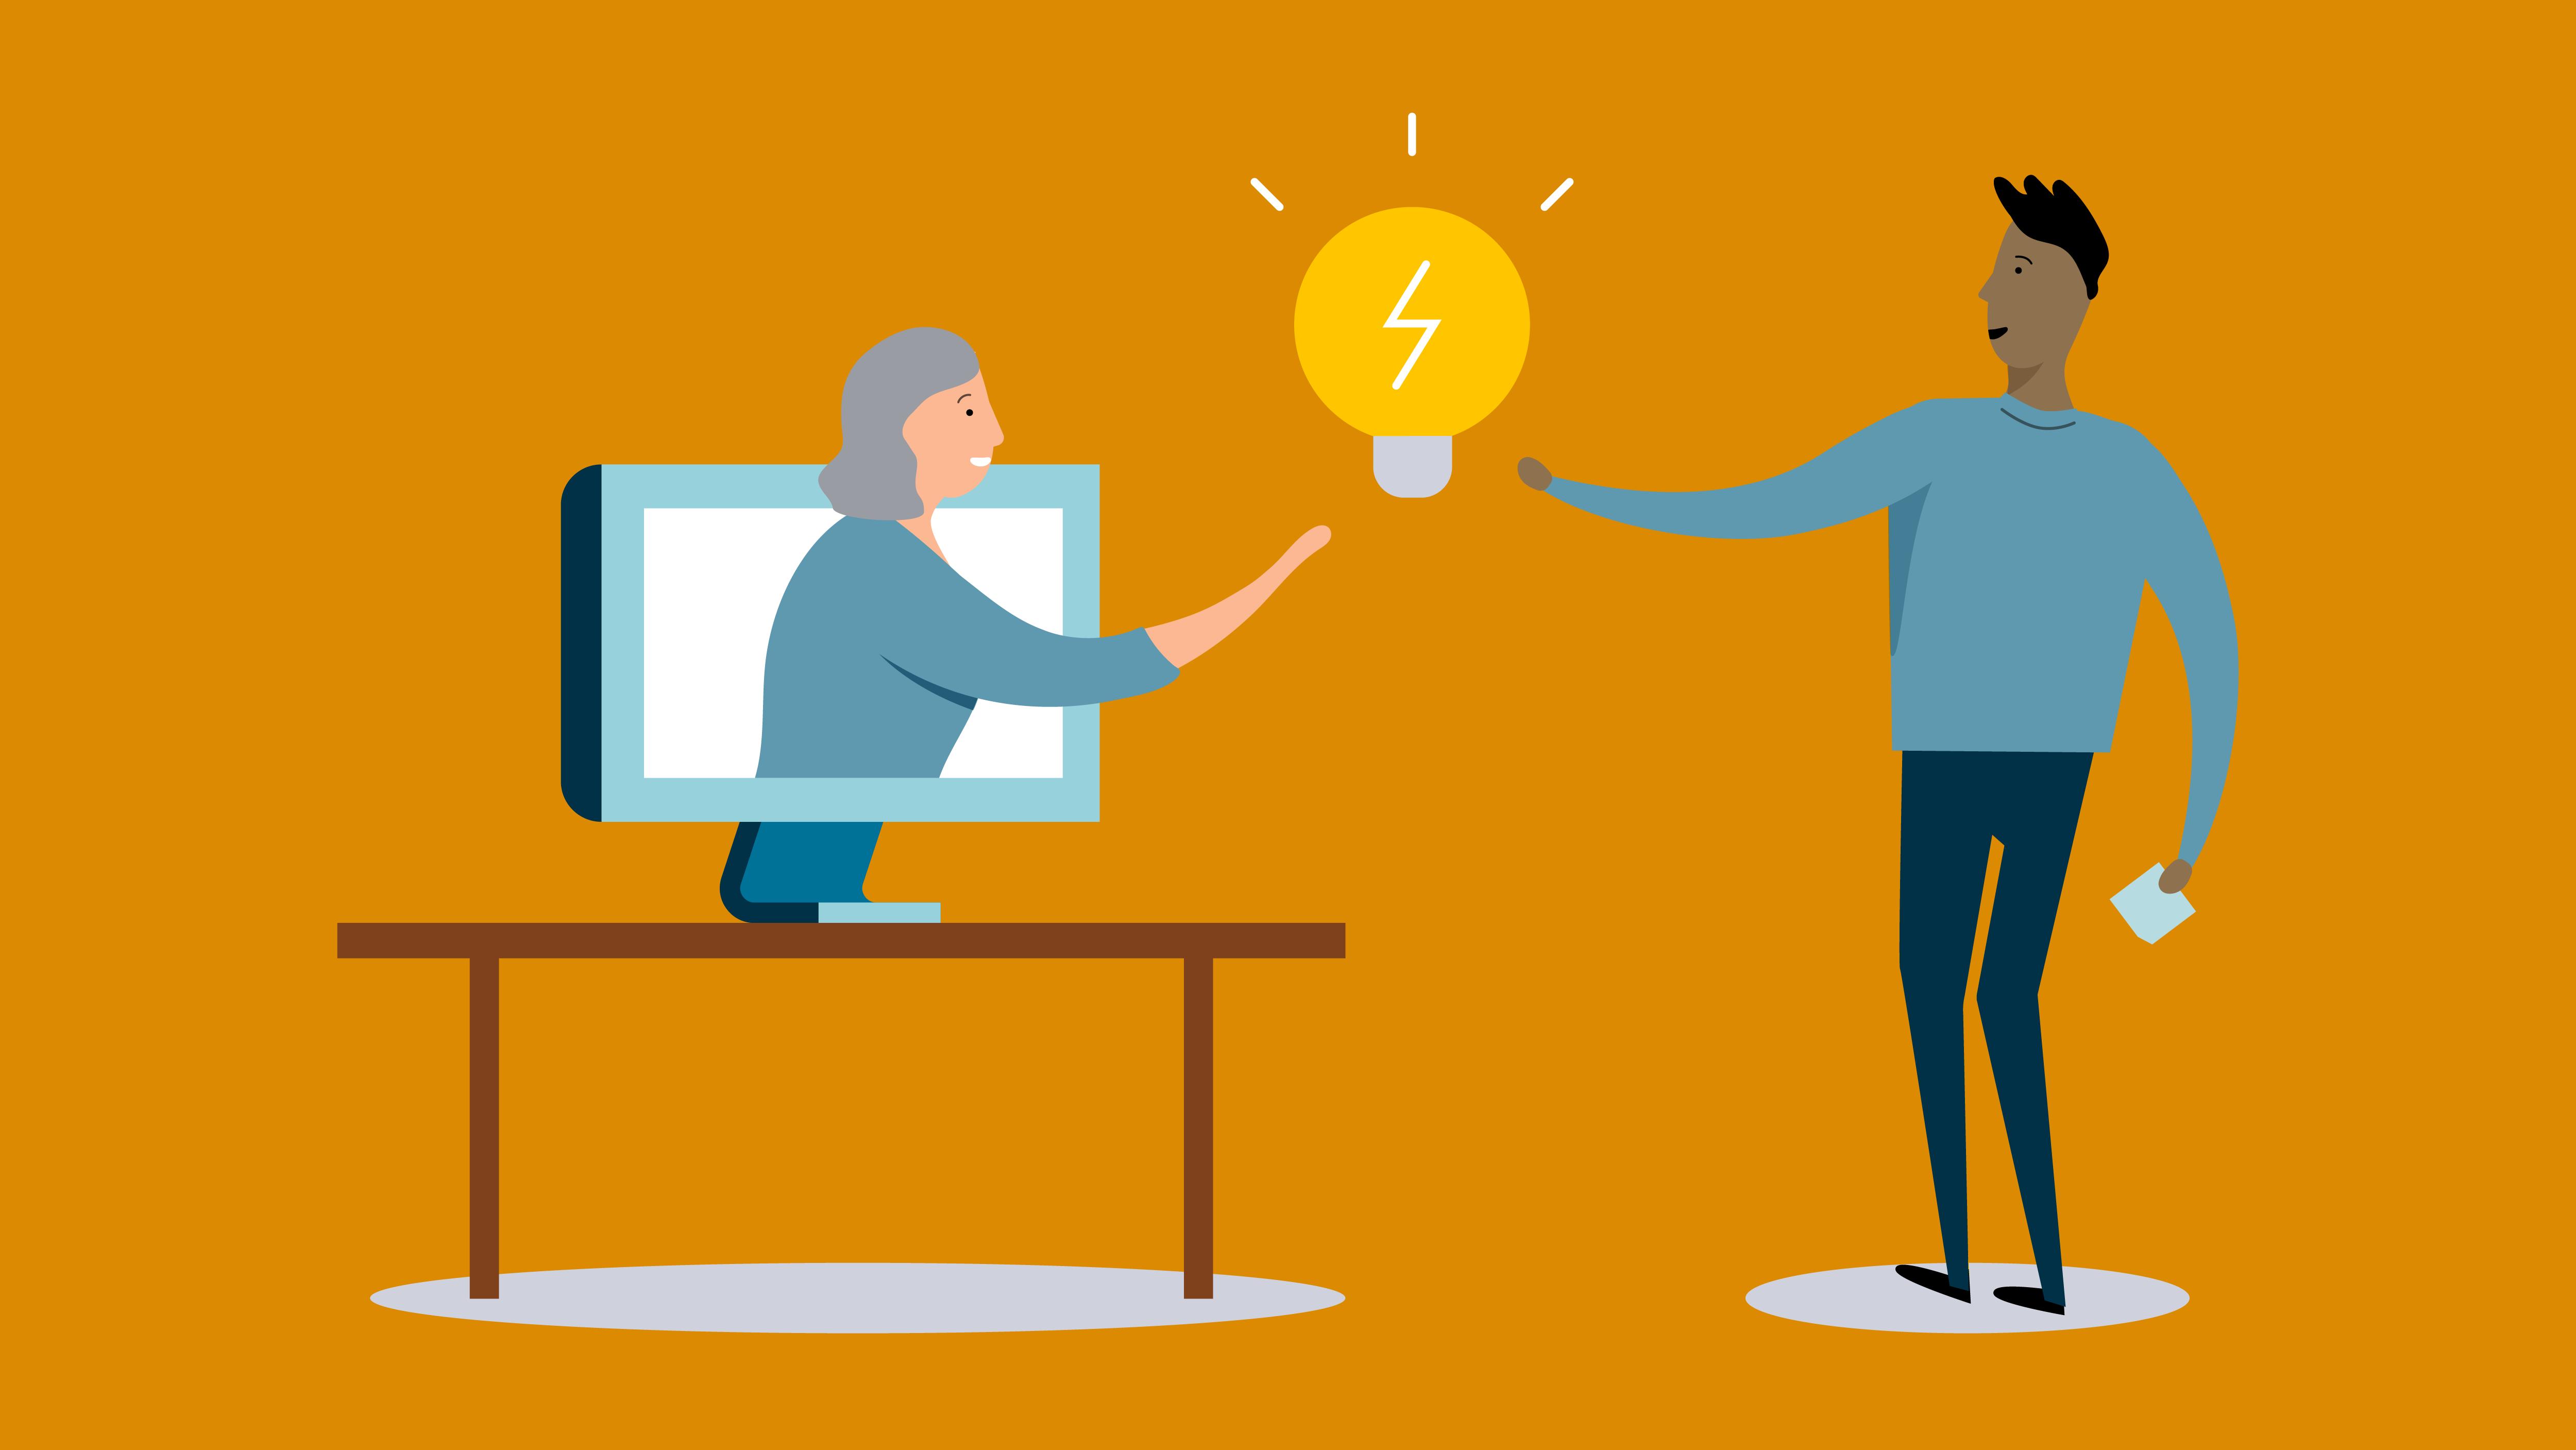 XPL_Blog_Tools for Navigating Hybrid Workplace_Header